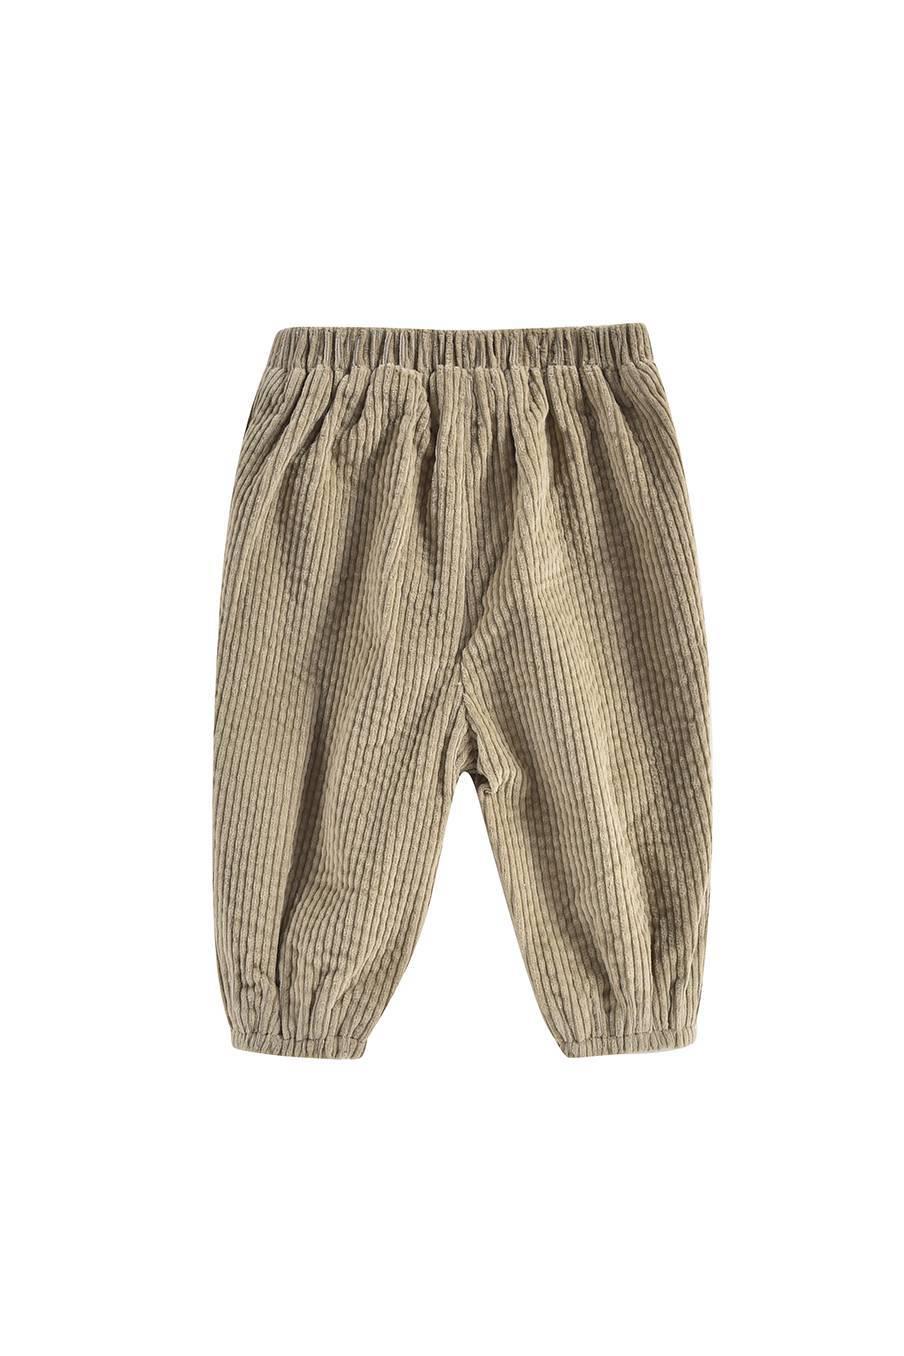 boheme chic vintage pantalon bébé fille flor khaki velvet